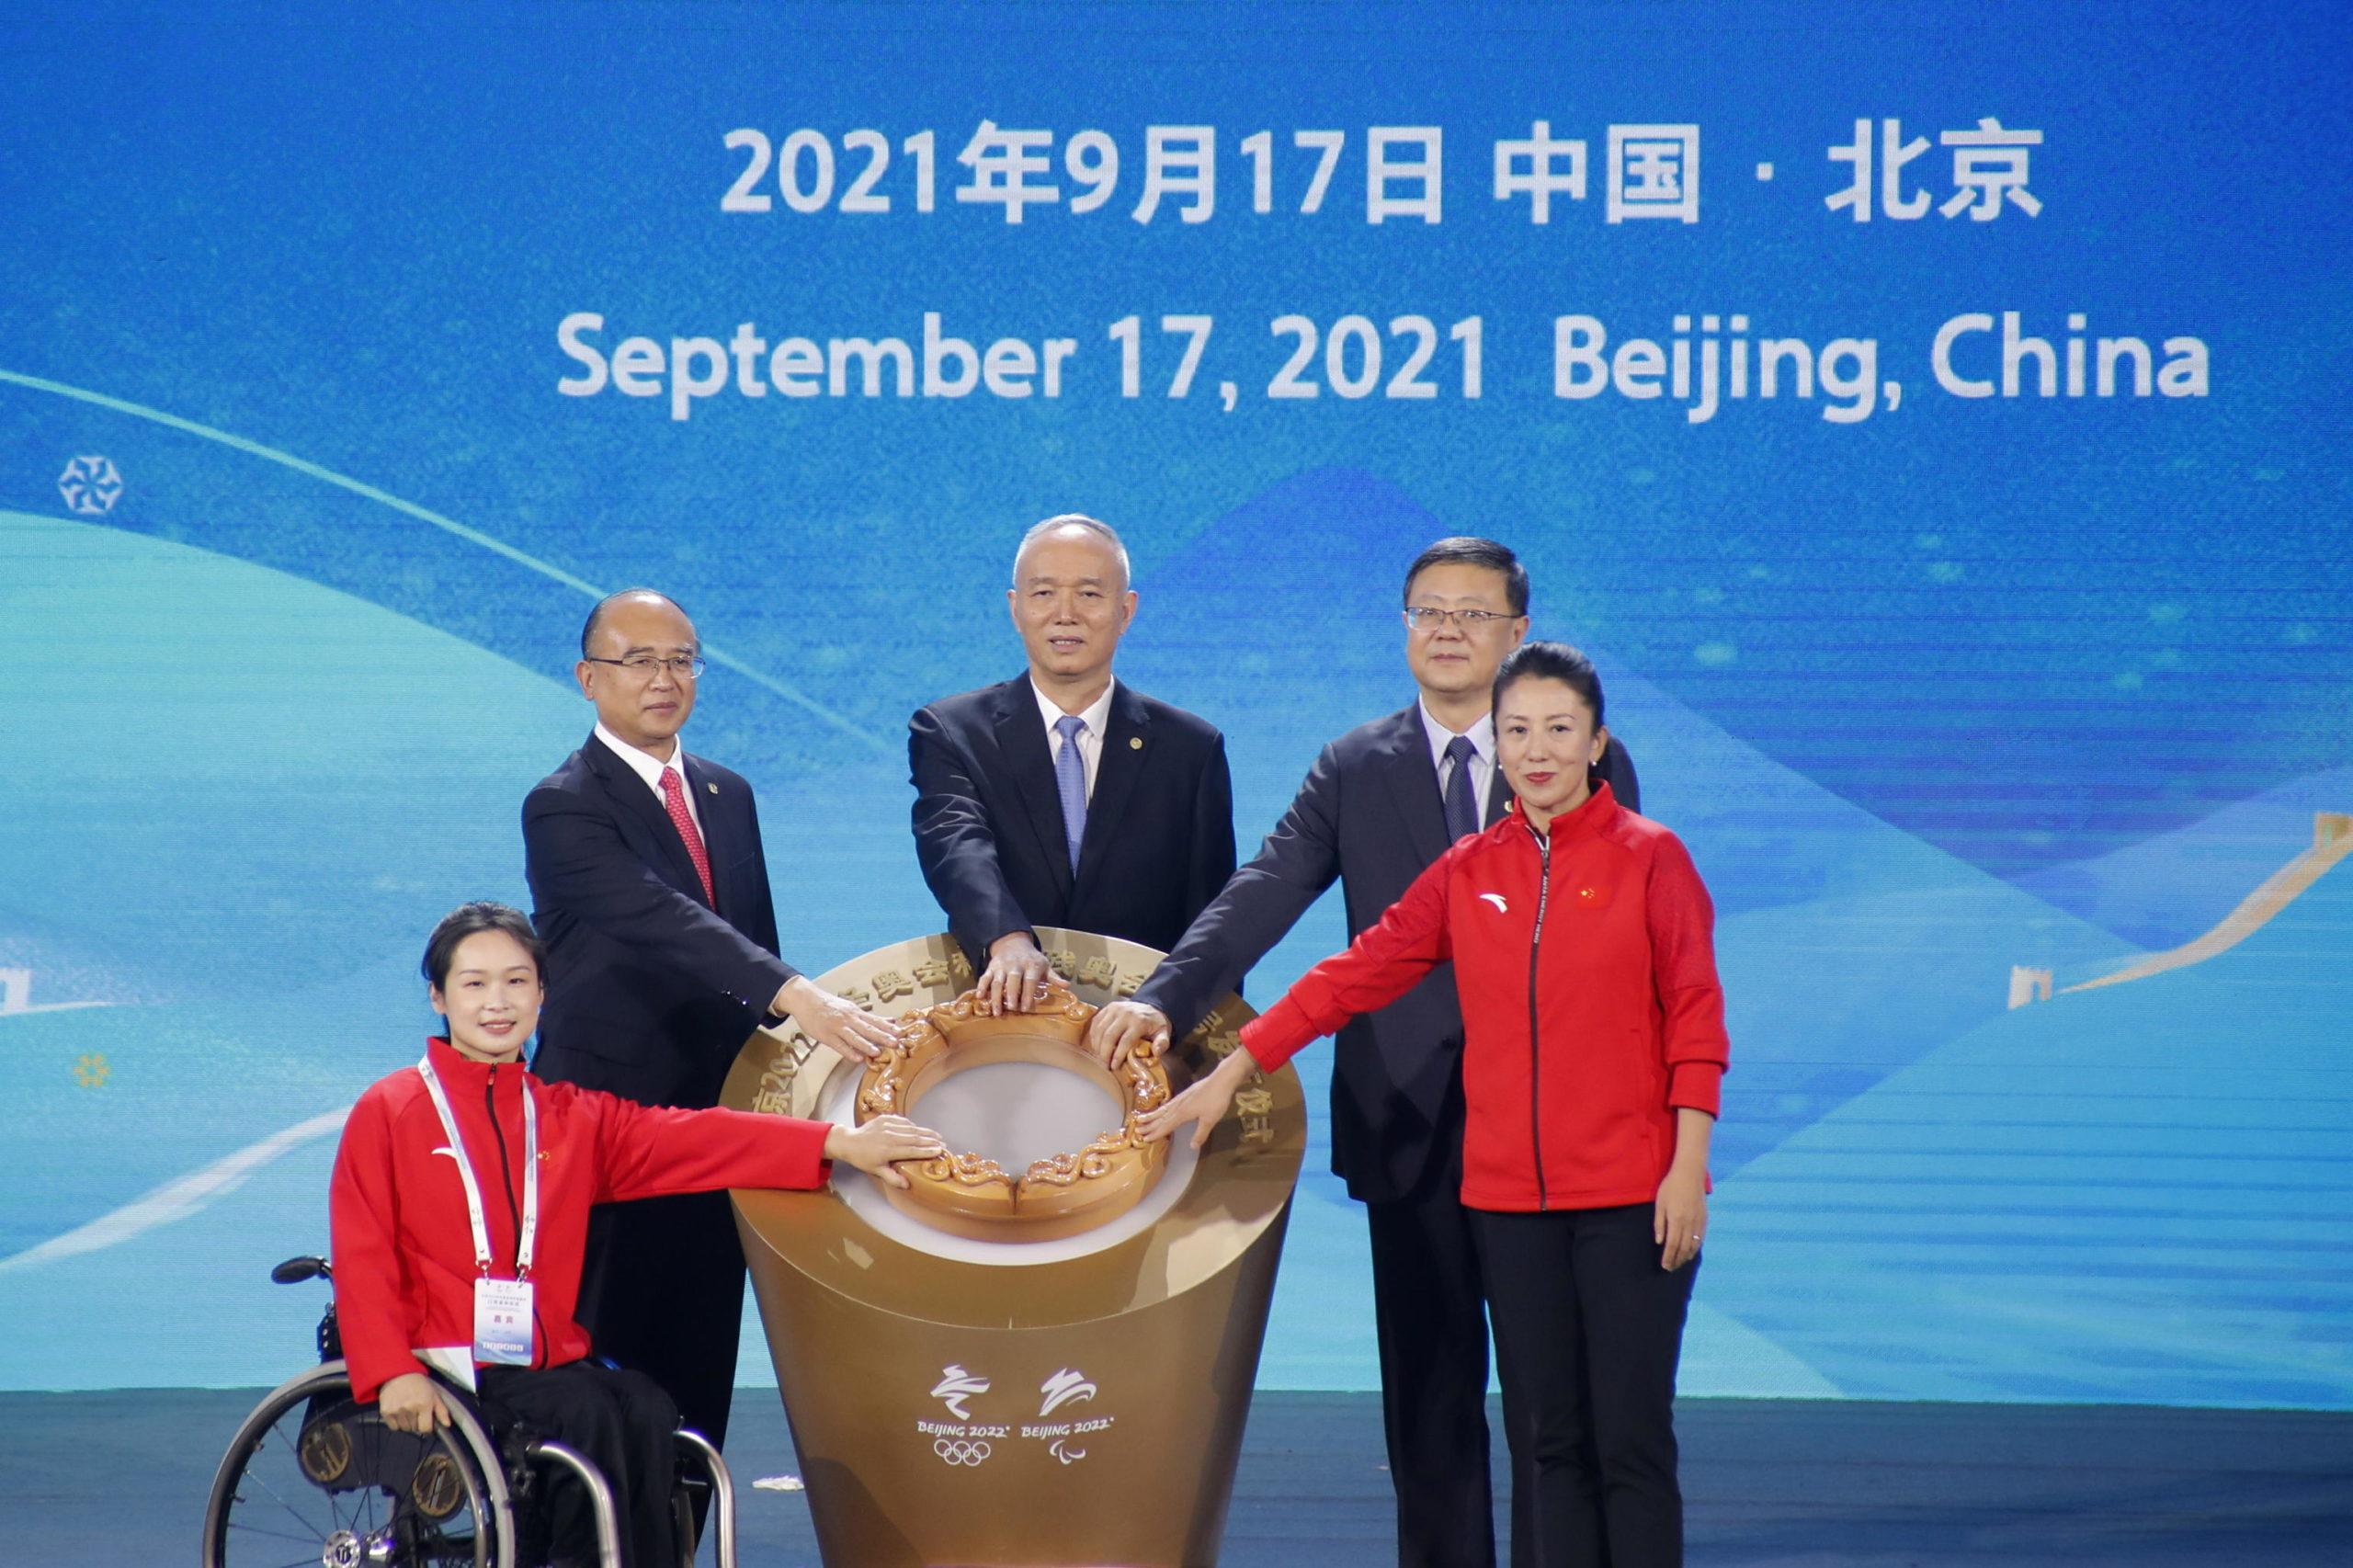 Can Qi, presidente delle Olimpiadi invernali 2022 a Pechino alla cerimonia di presentazione